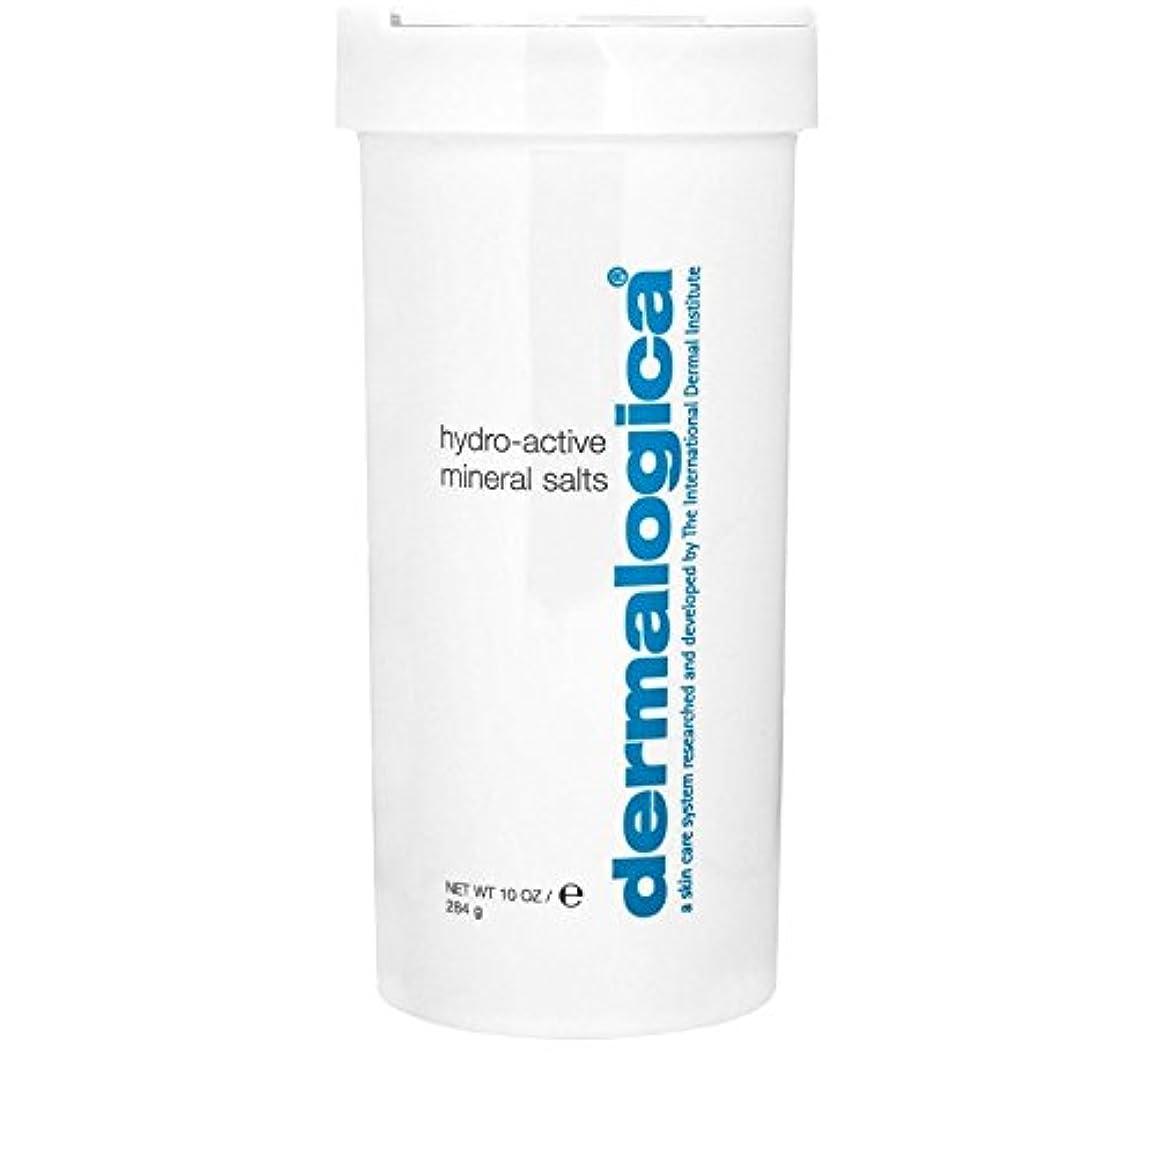 公然と昇進大聖堂ダーマロジカ水力アクティブミネラル塩284グラム x4 - Dermalogica Hydro Active Mineral Salt 284g (Pack of 4) [並行輸入品]